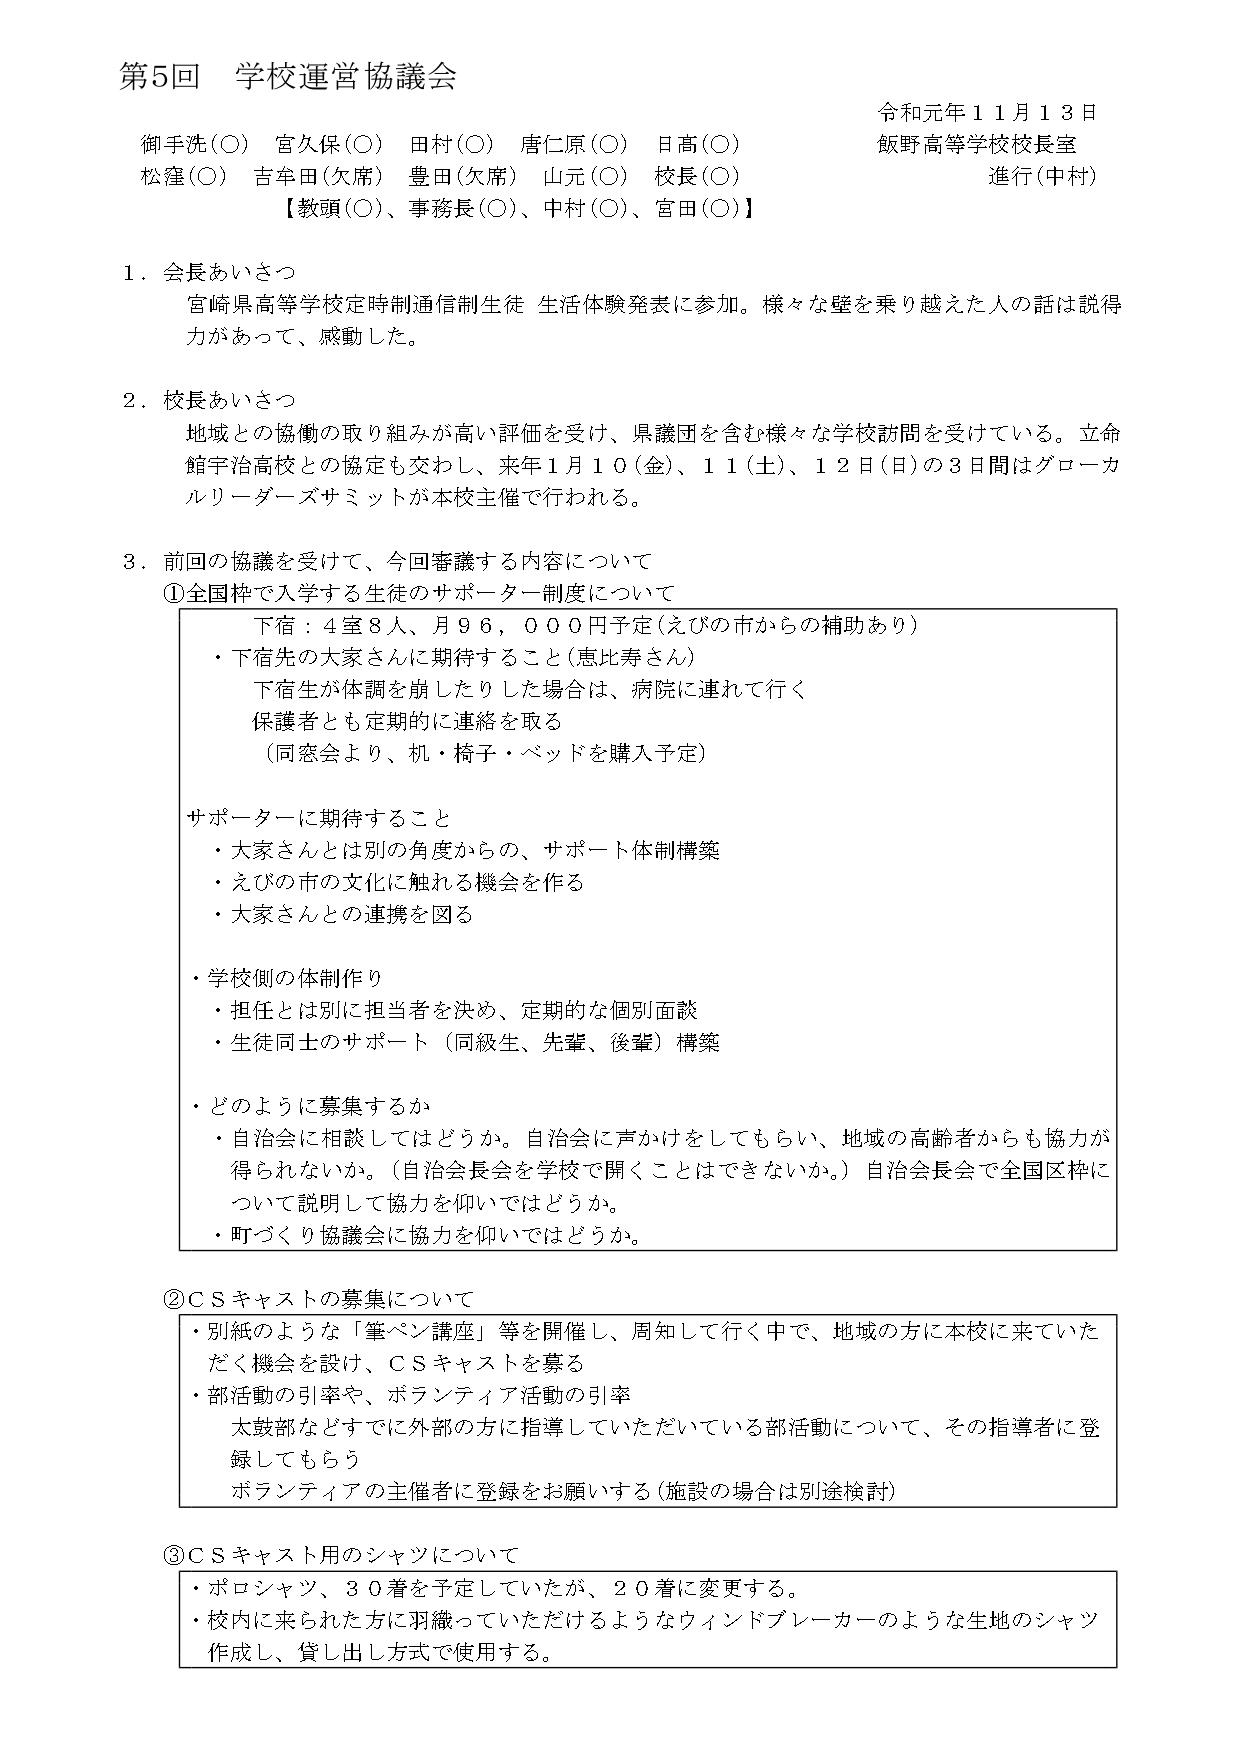 kyogikai05-01